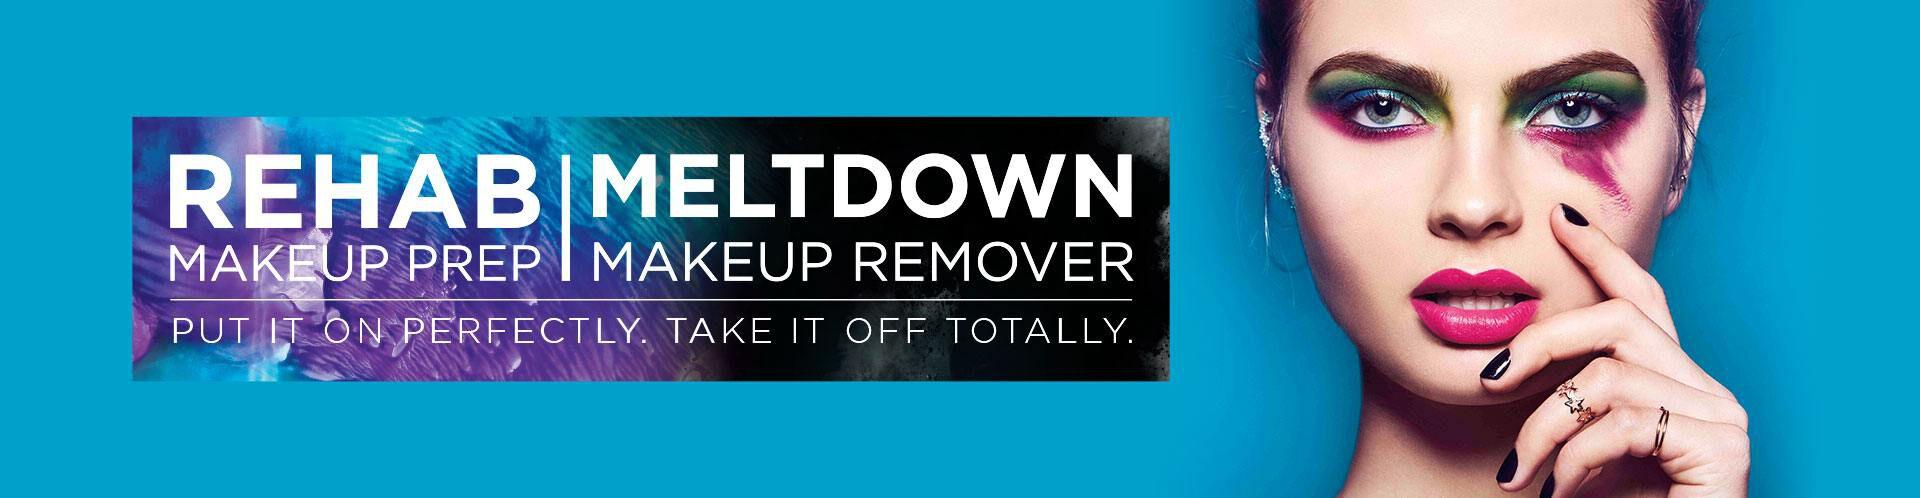 Maquillaje de Preparación Rehab   Desmaquillante Meltdown